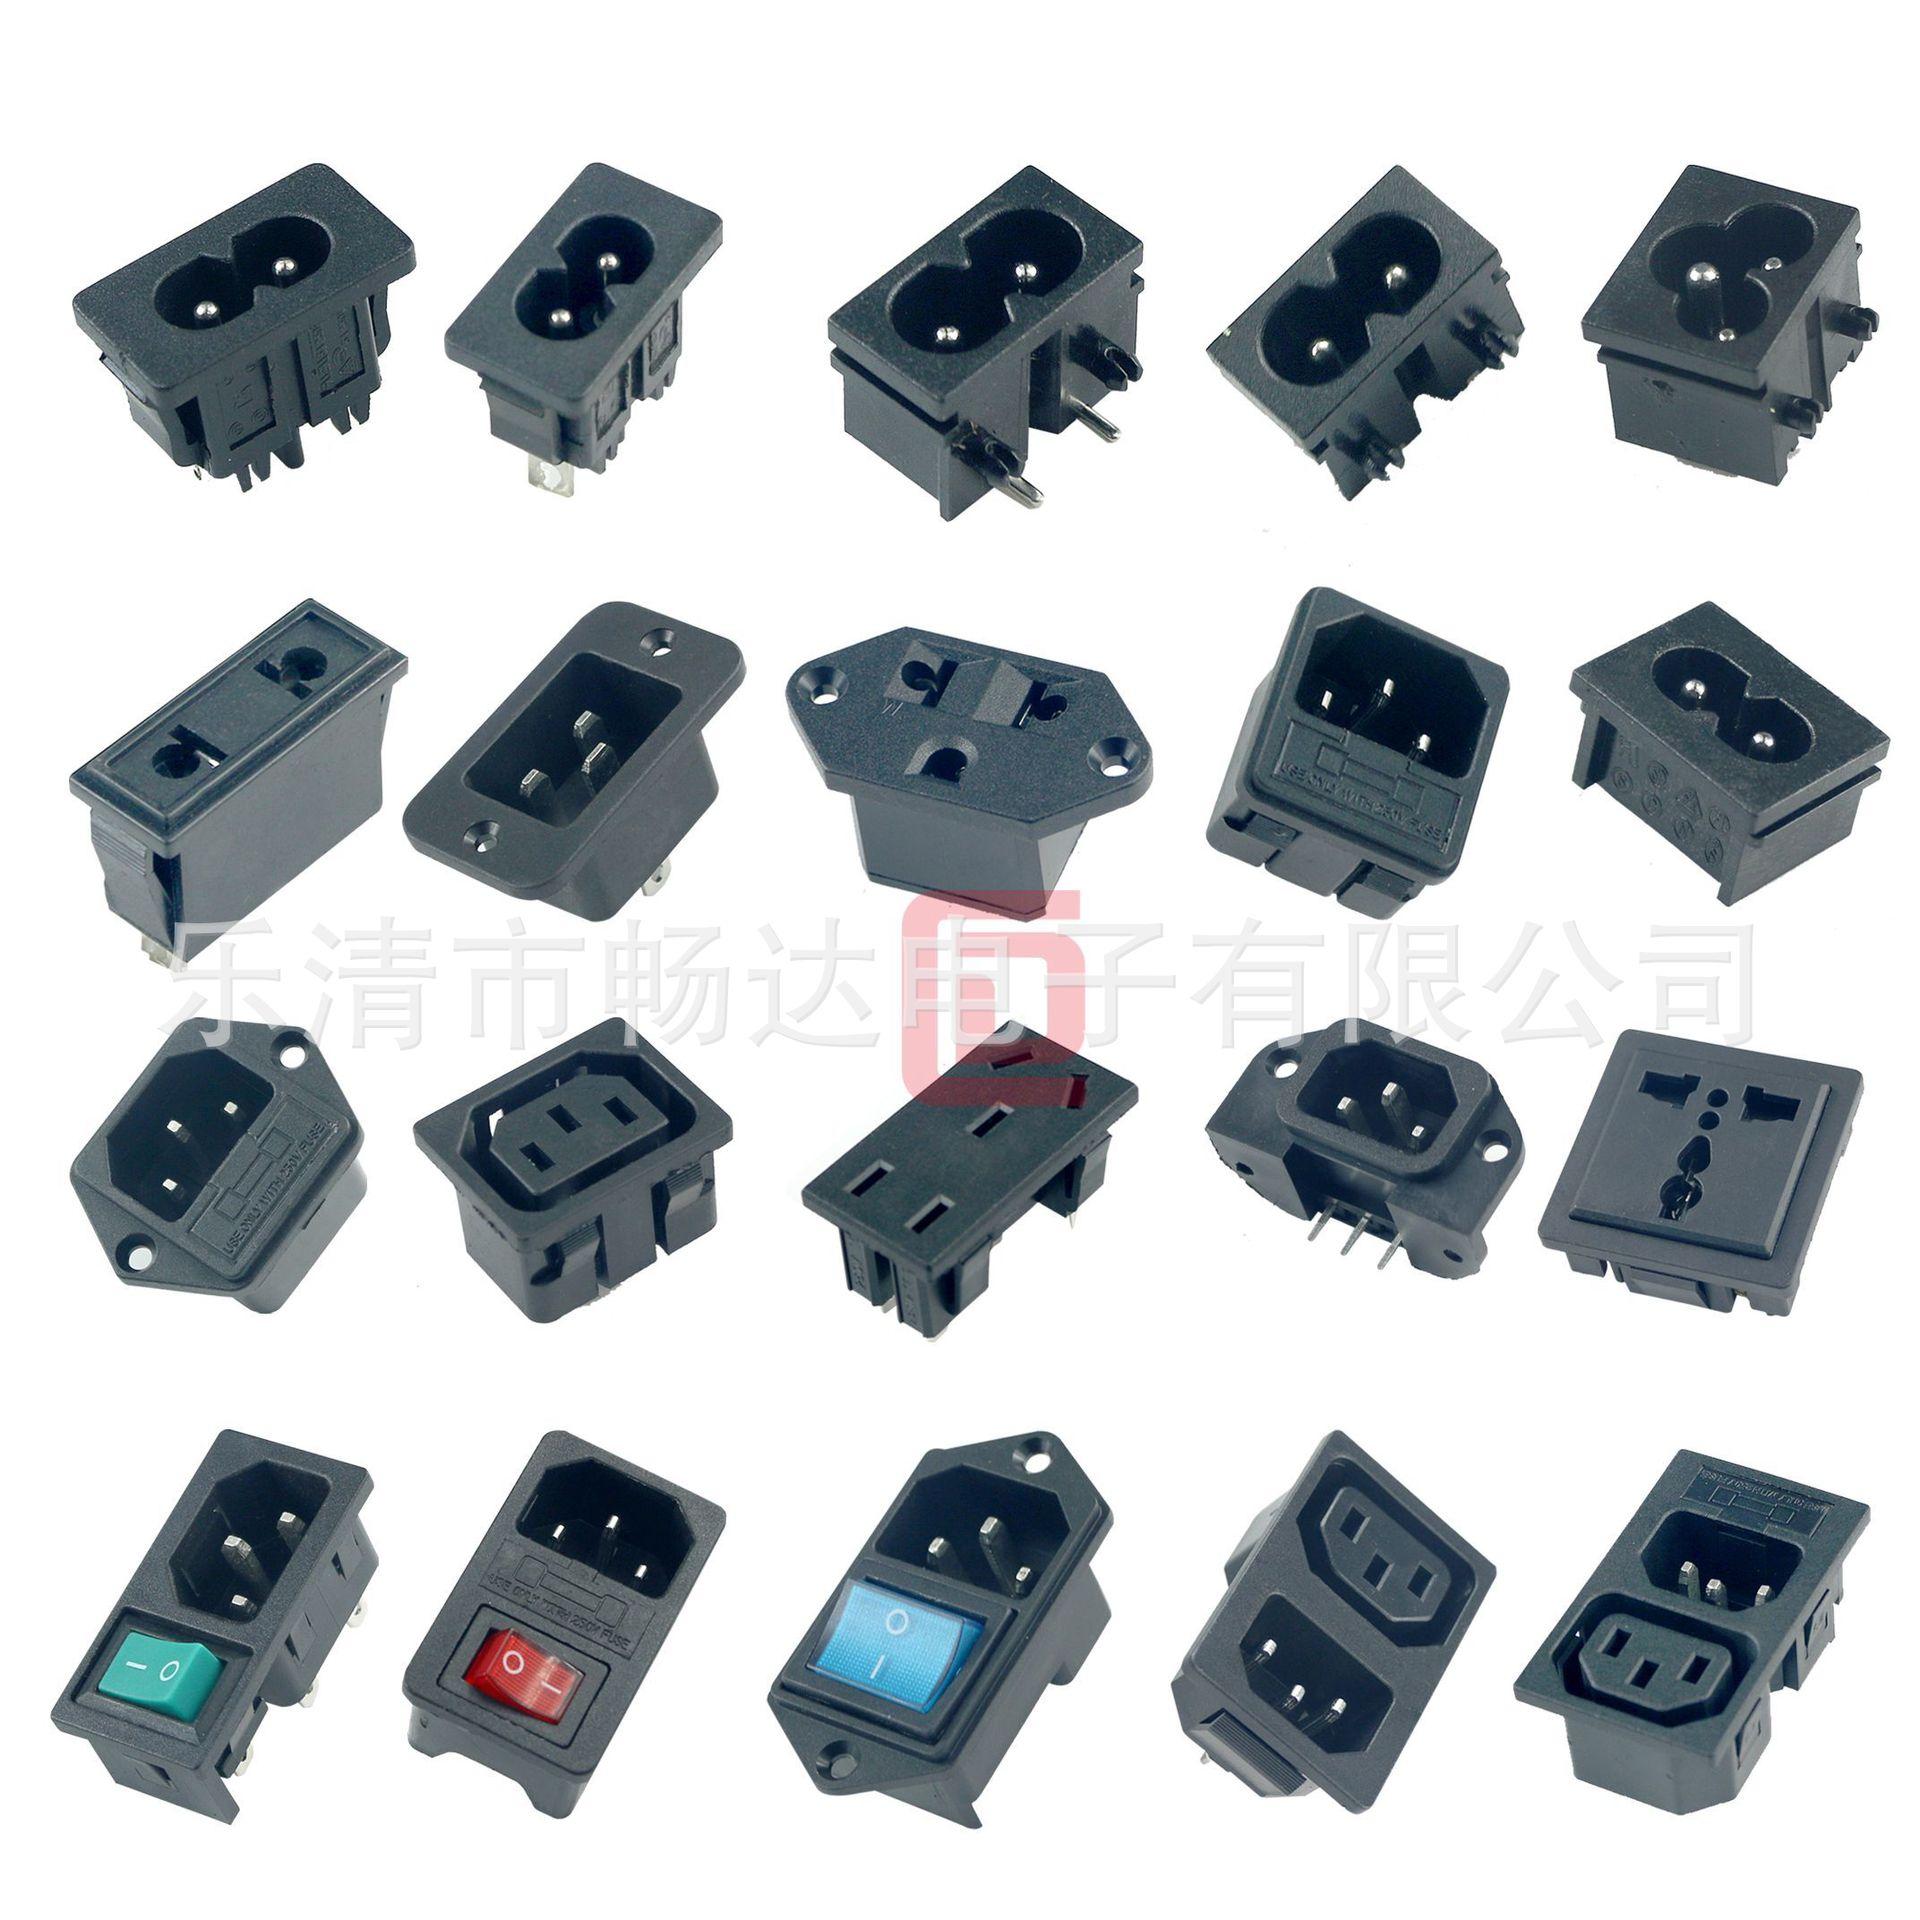 電源插座_廠家出售八字尾ac插座電源插座品字座二合一三合一帶開關 - 阿里巴巴